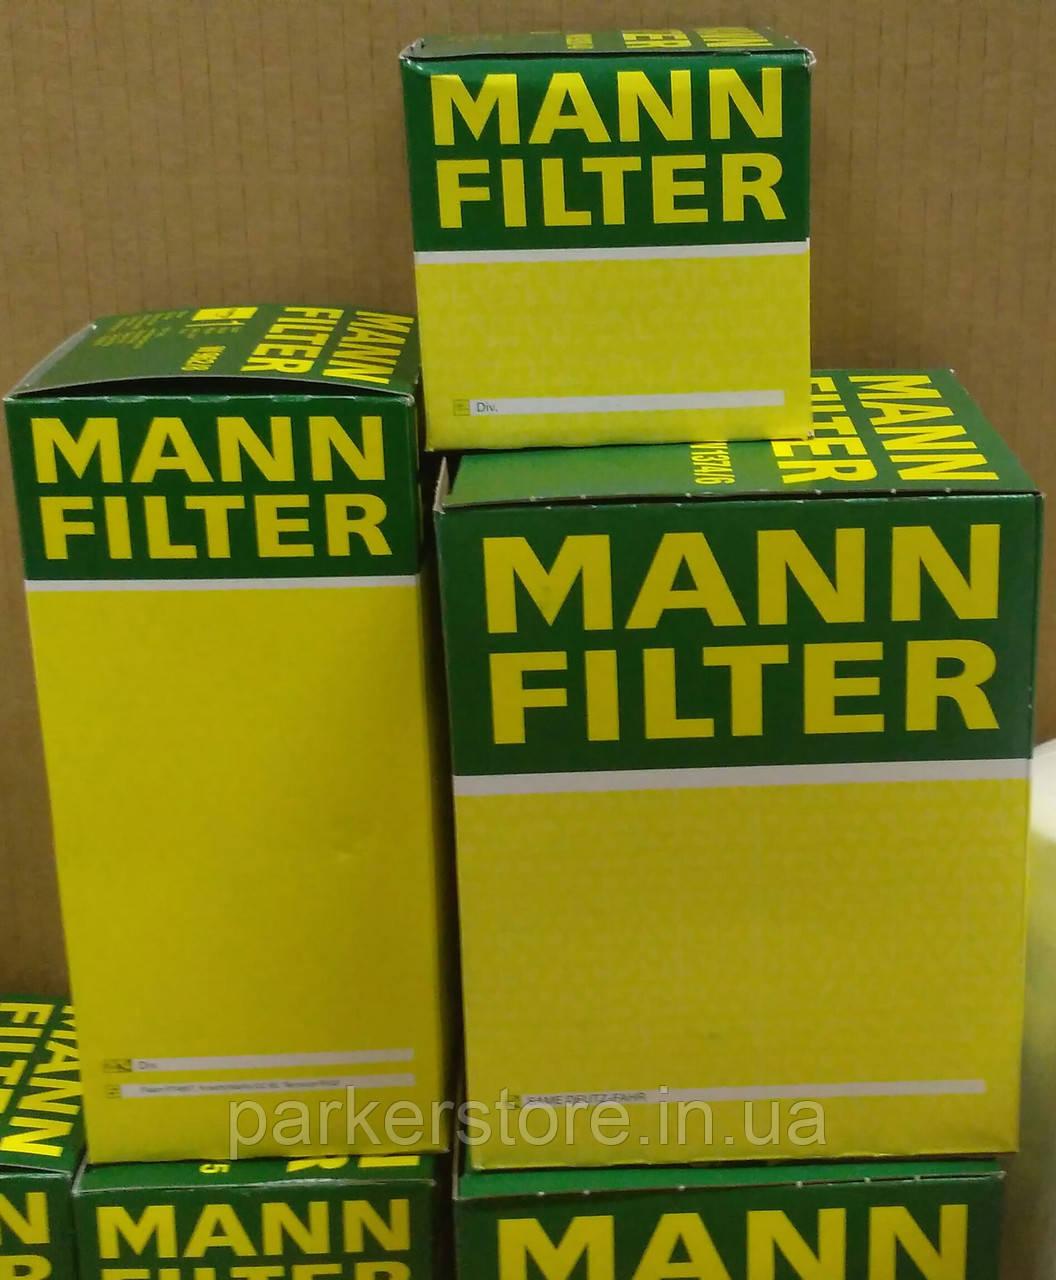 MANN FILTER / Воздушный фильтр / C 31 121 / C31121